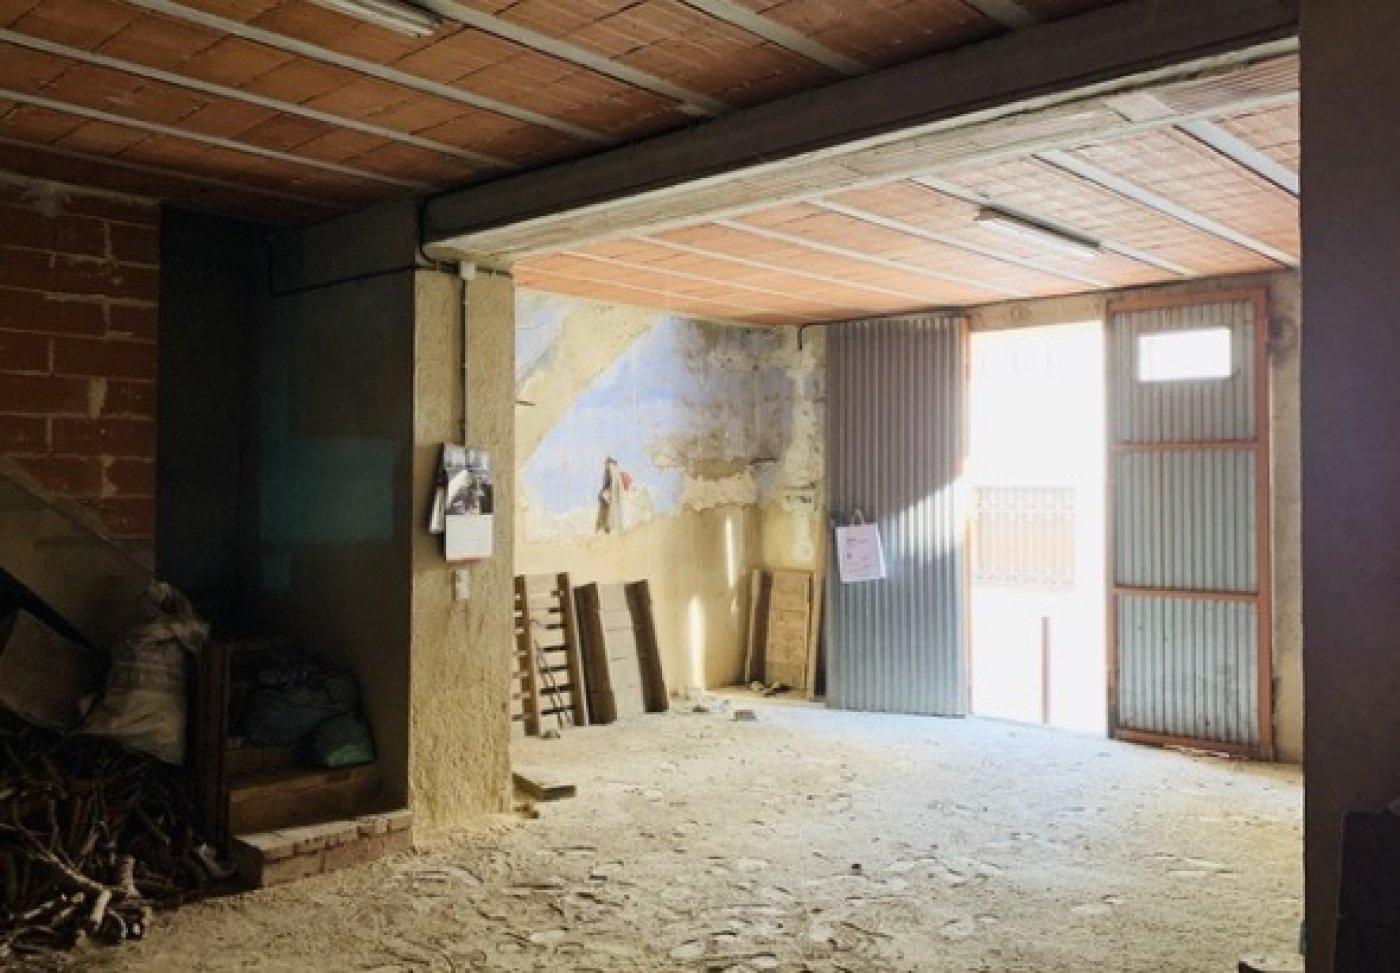 Casa almacén solar a rehabilitar en vendrell centro - imagenInmueble1